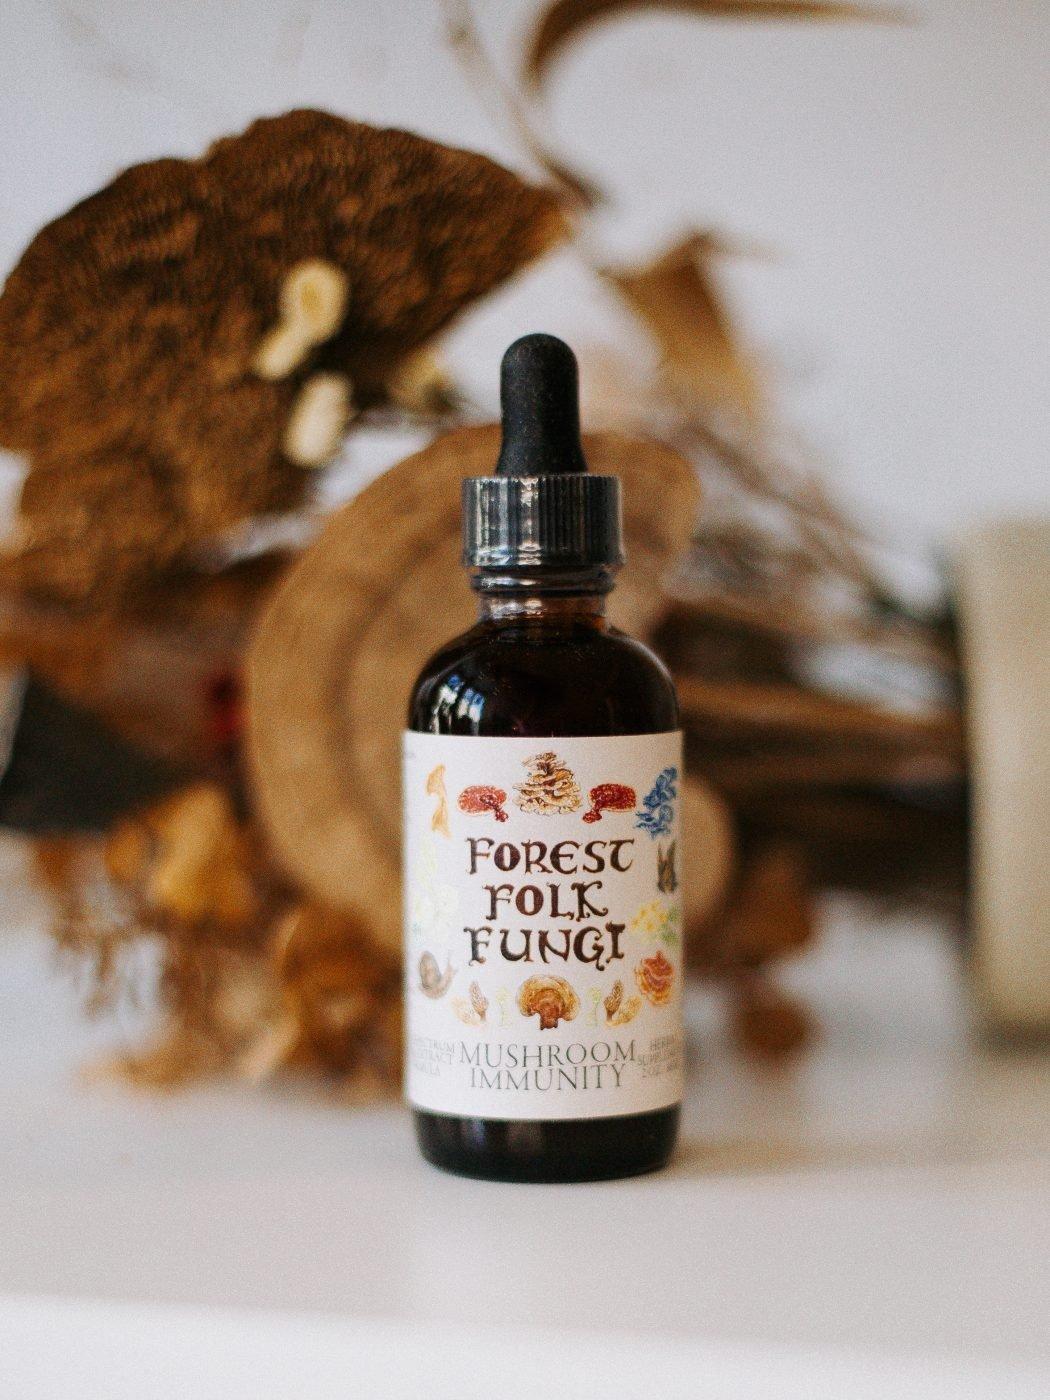 mushroom immunity by forest folk fungi